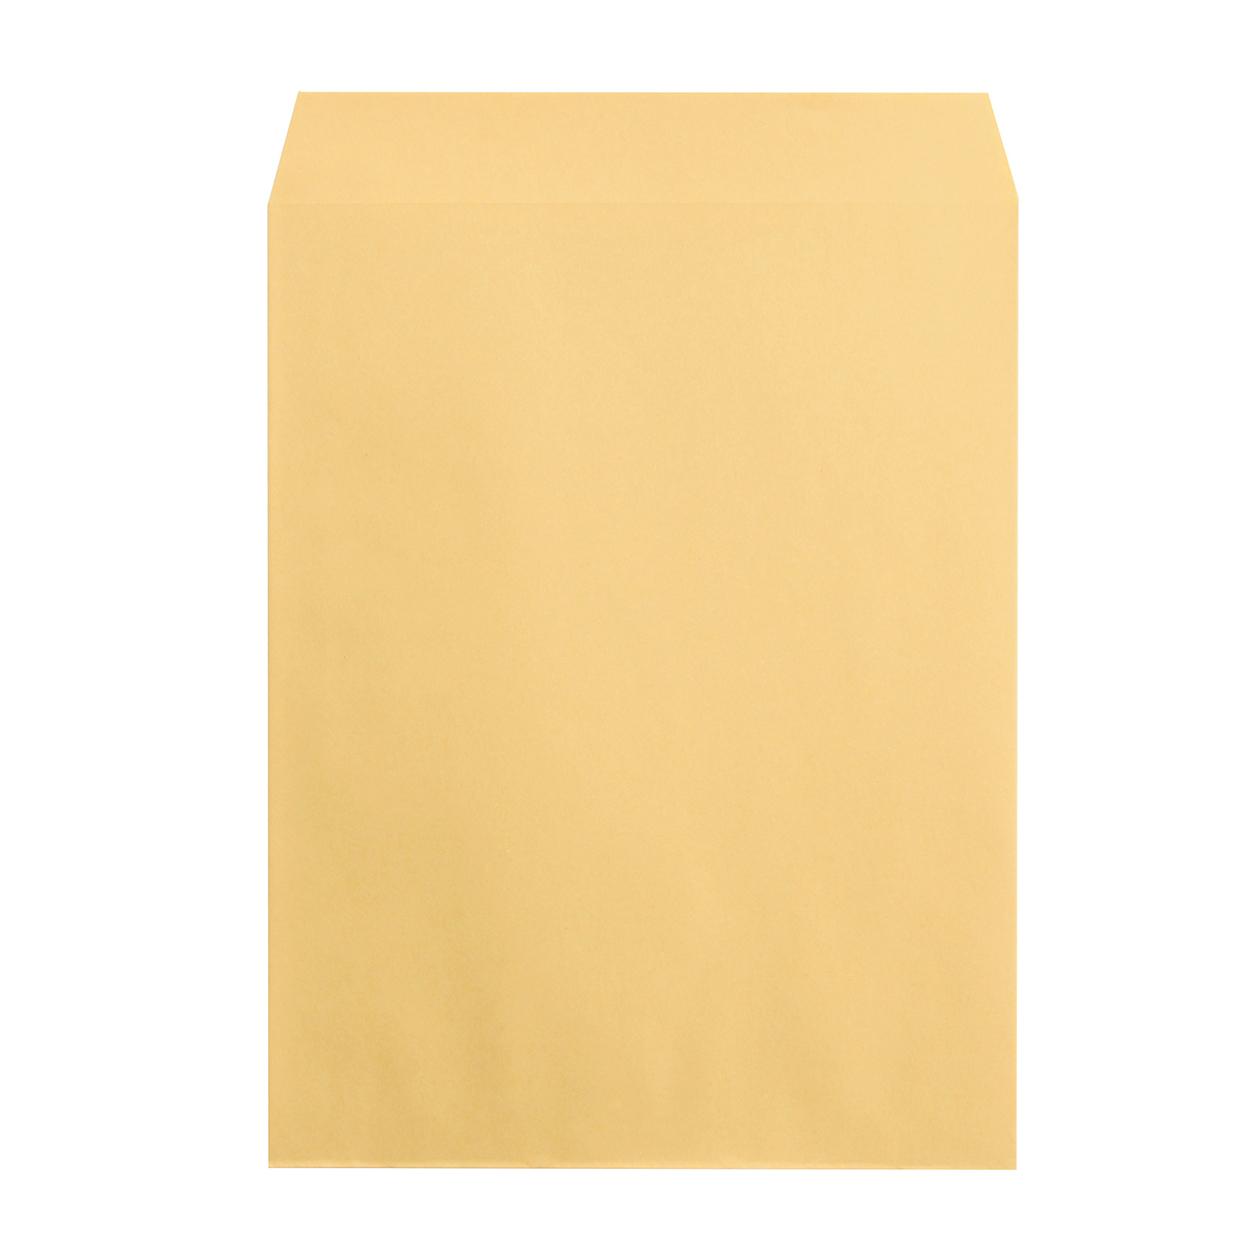 角3封筒 クラフト 85g